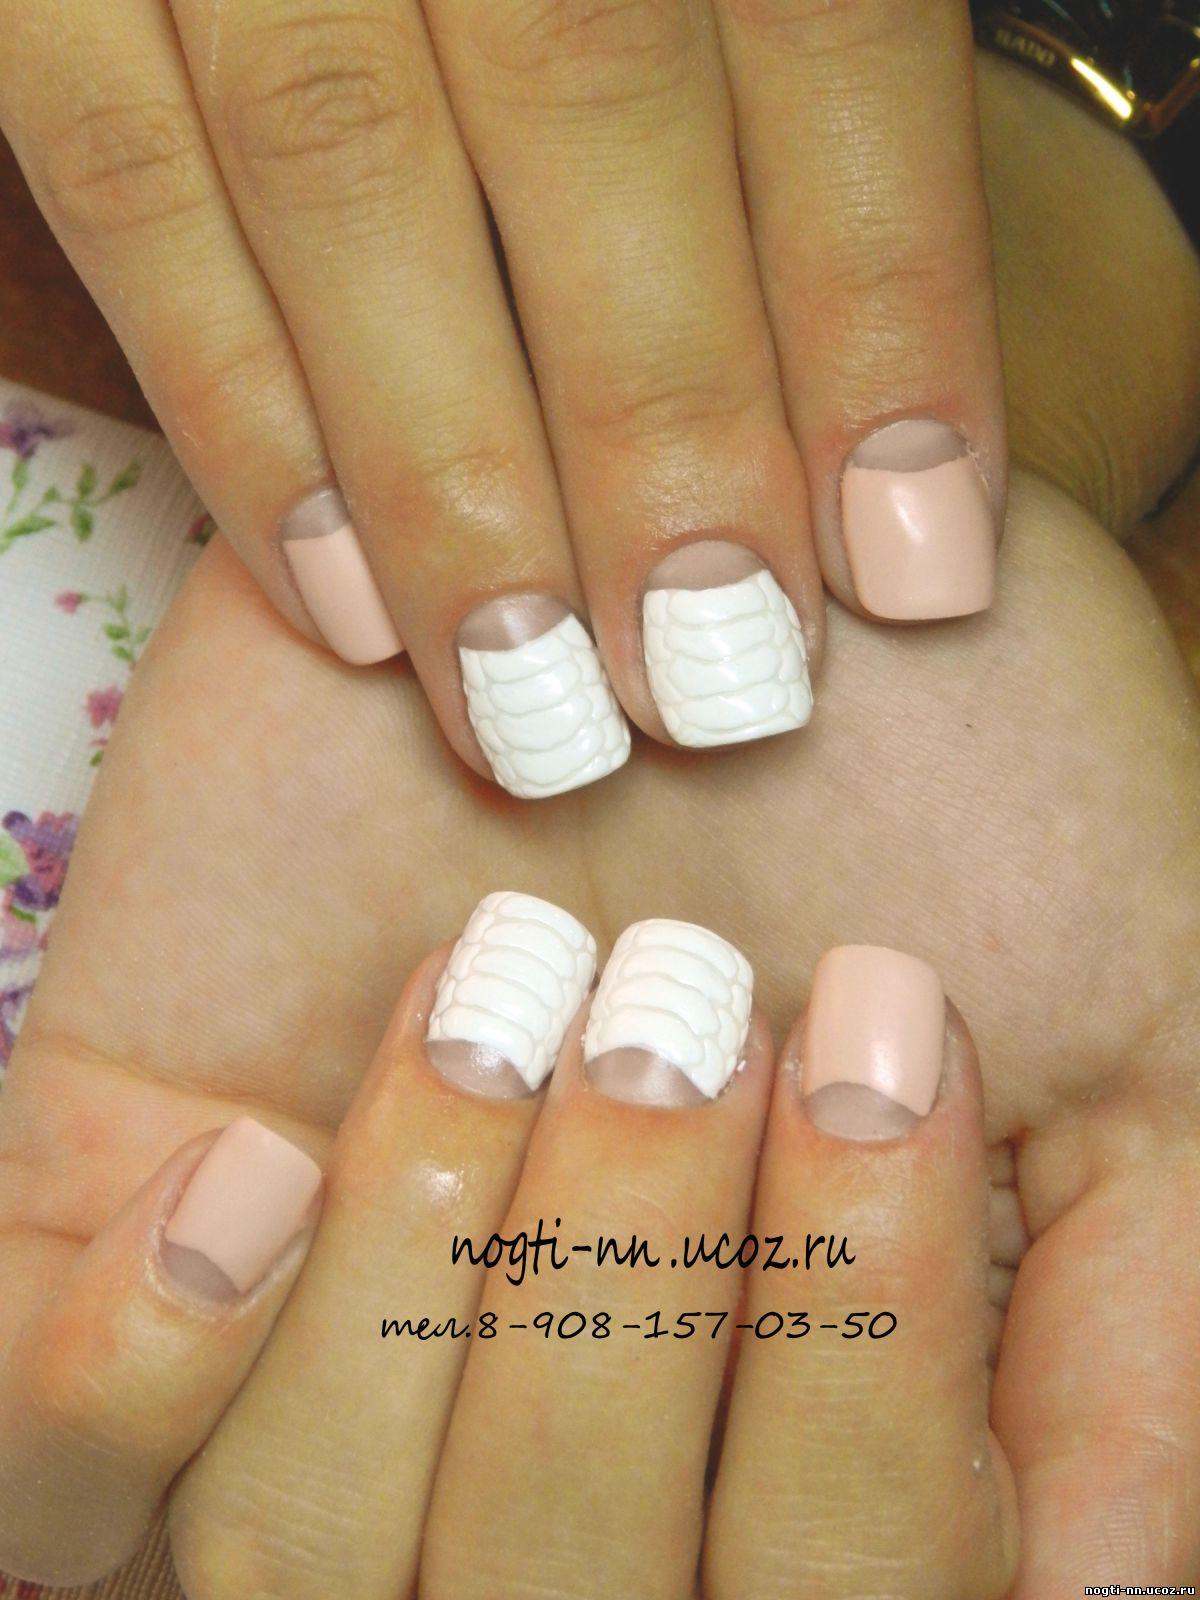 Нарощенные ногти размер 2